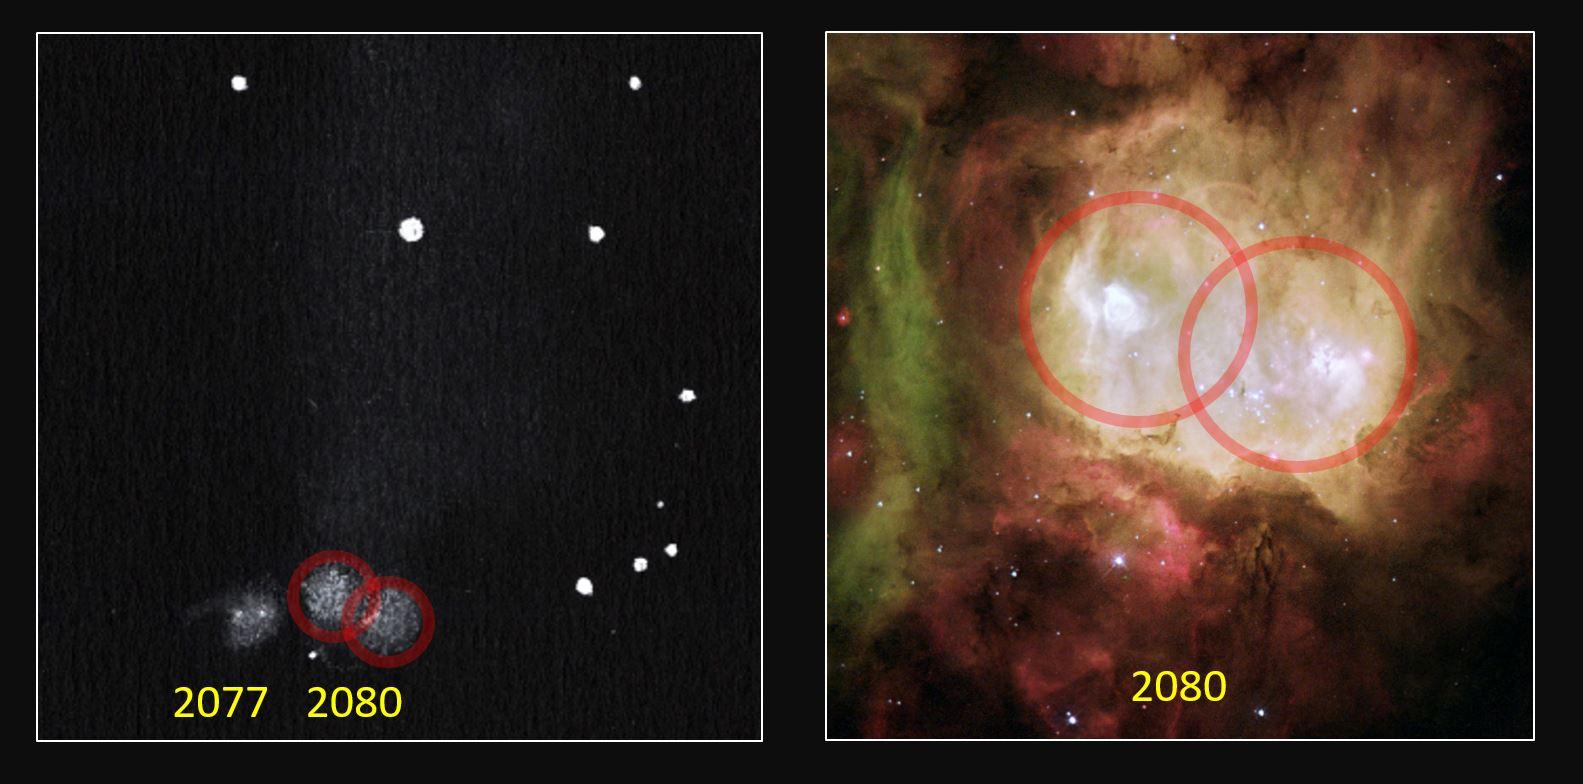 NGC2080_hubble.JPG